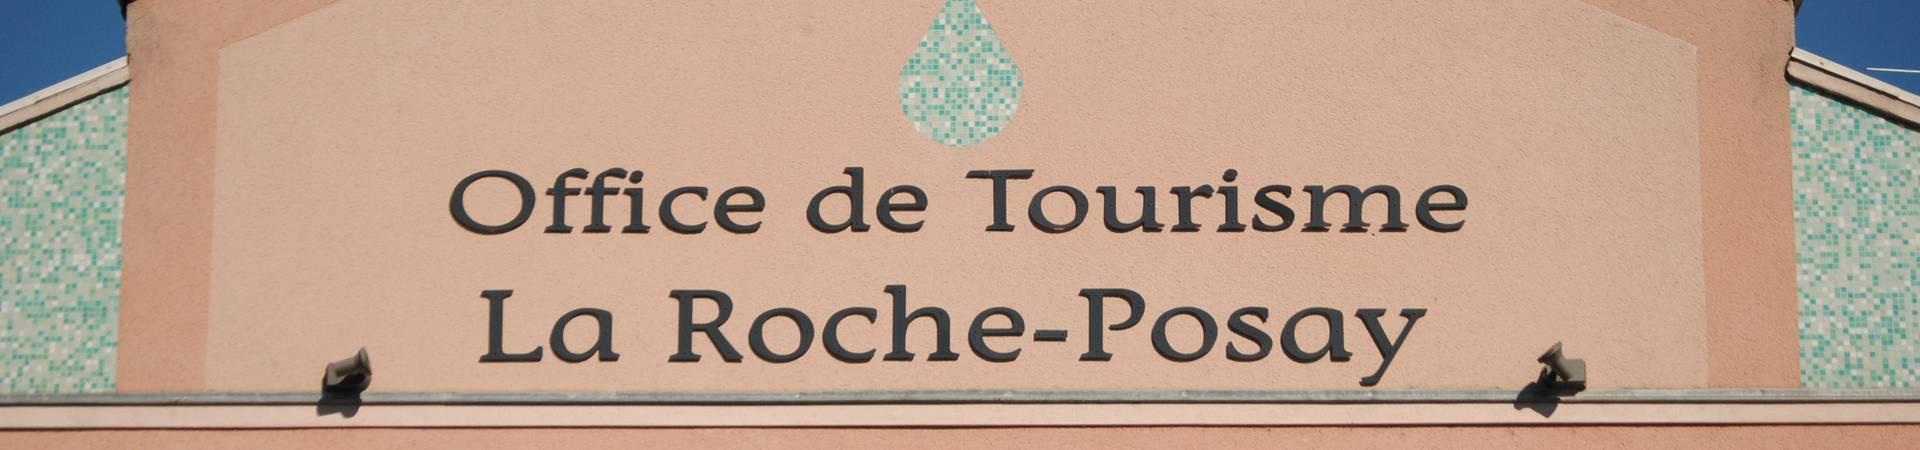 Votre office de tourisme office de tourisme la roche posay - Office du tourisme pierrefonds ...